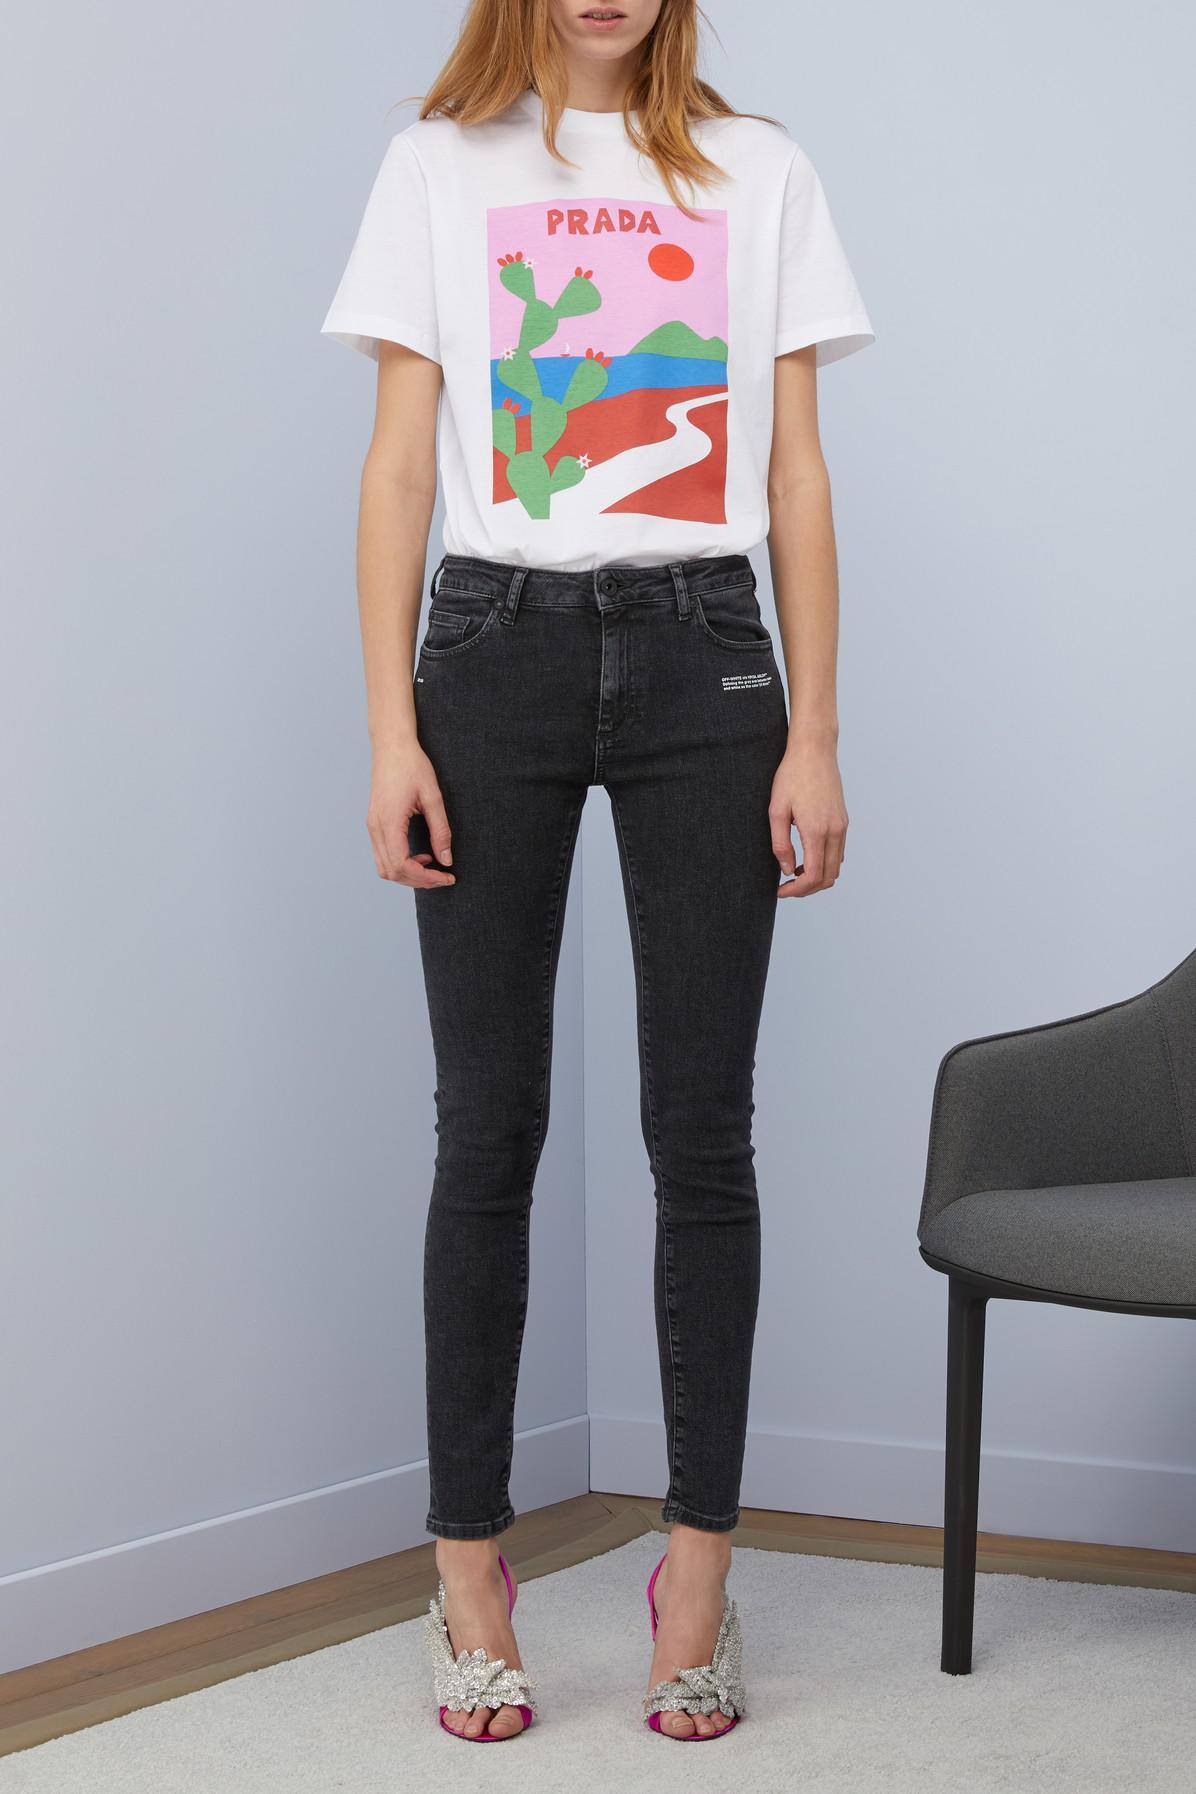 Off-White c/o Virgil Abloh Denim Skinny Jeans in Black